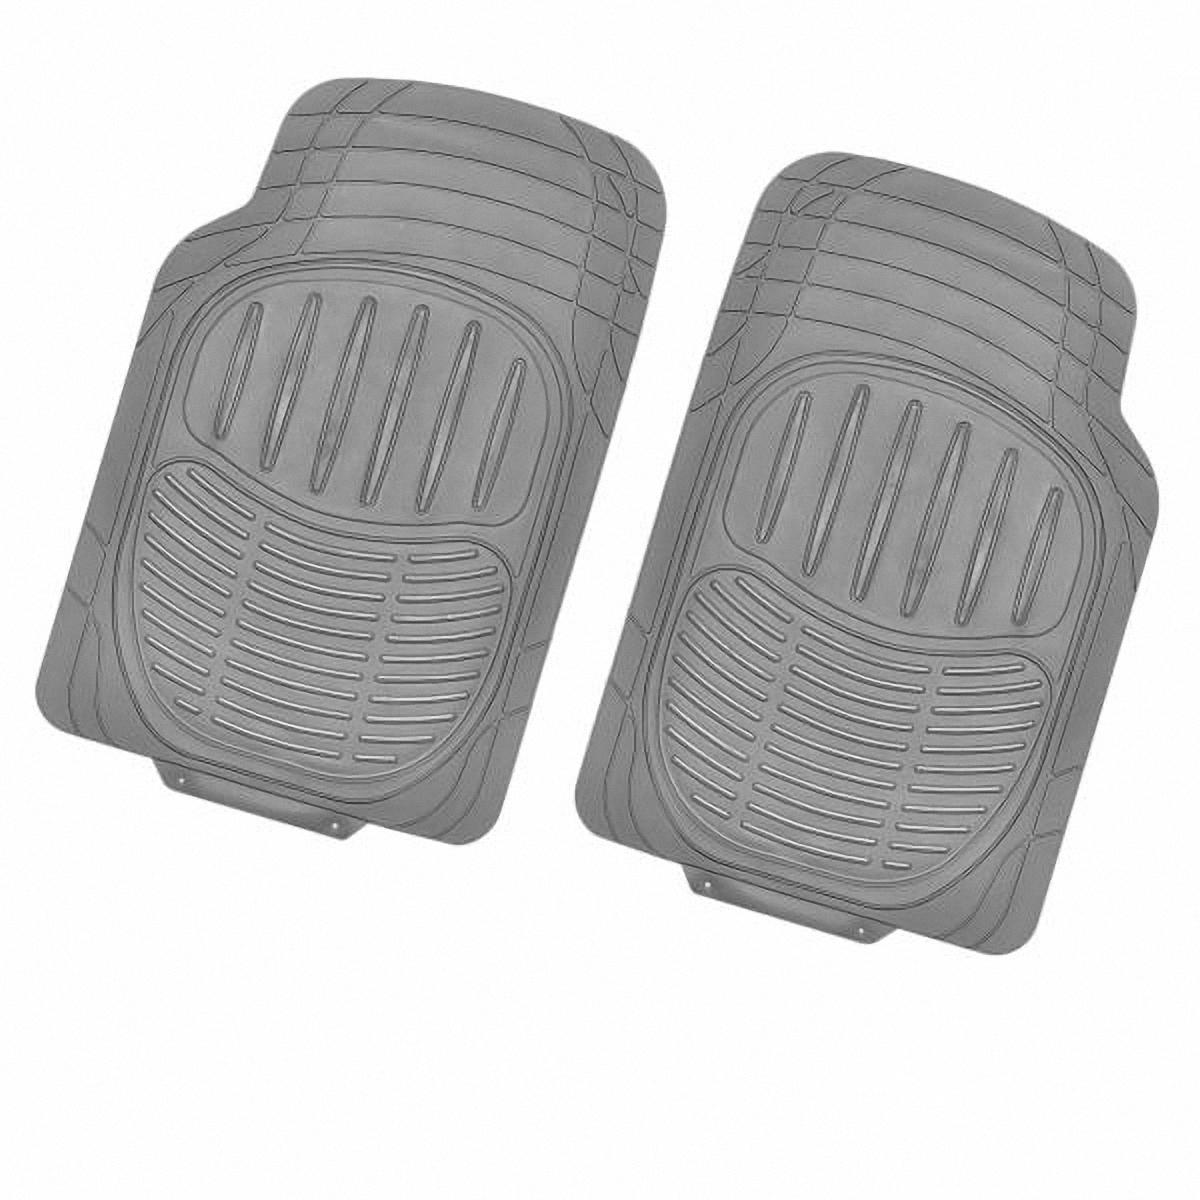 Коврик в салон автомобиля Skyway, передний, цвет: серый, 72 х 49 см, 2 шт12305006Комплект универсальных передних ковриков салона сохраняет эластичность даже при экстремально низких и высоких температурах (от -50°С до +50°С). Обладает повышенной устойчивостью к износу и агрессивным средам, таким как антигололёдные реагенты, масло и топливо. Усовершенствованная конструкция изделия обеспечивает плотное прилегание и надёжную фиксацию коврика на полу автомобиля.Размер: 72 х 49 см.Комплектация: 2 шт.